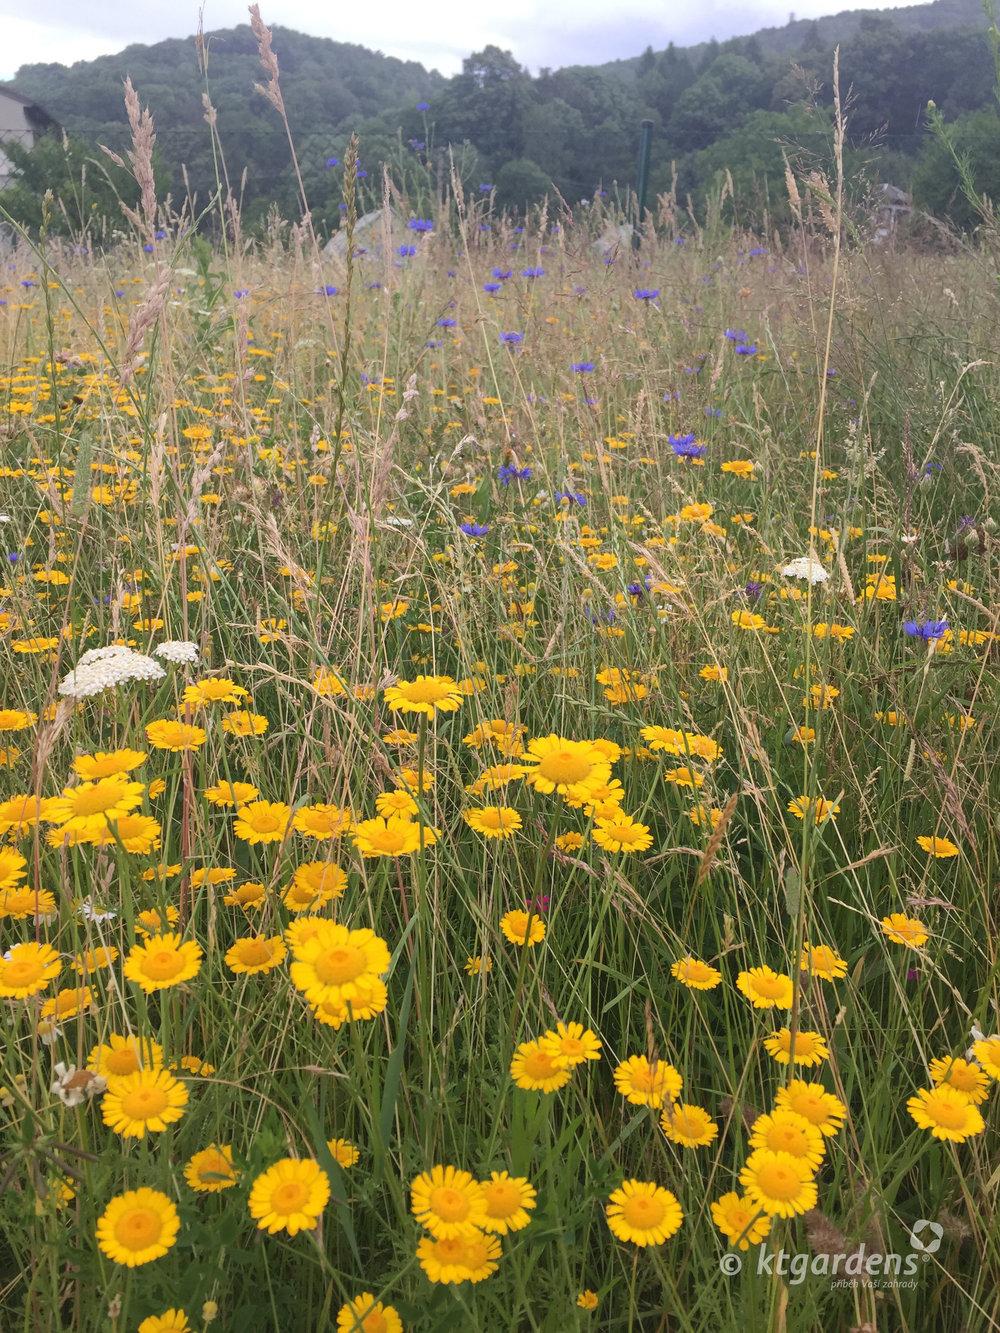 zahrada Štramberk, ktgardens, jaro, moderní zahrada